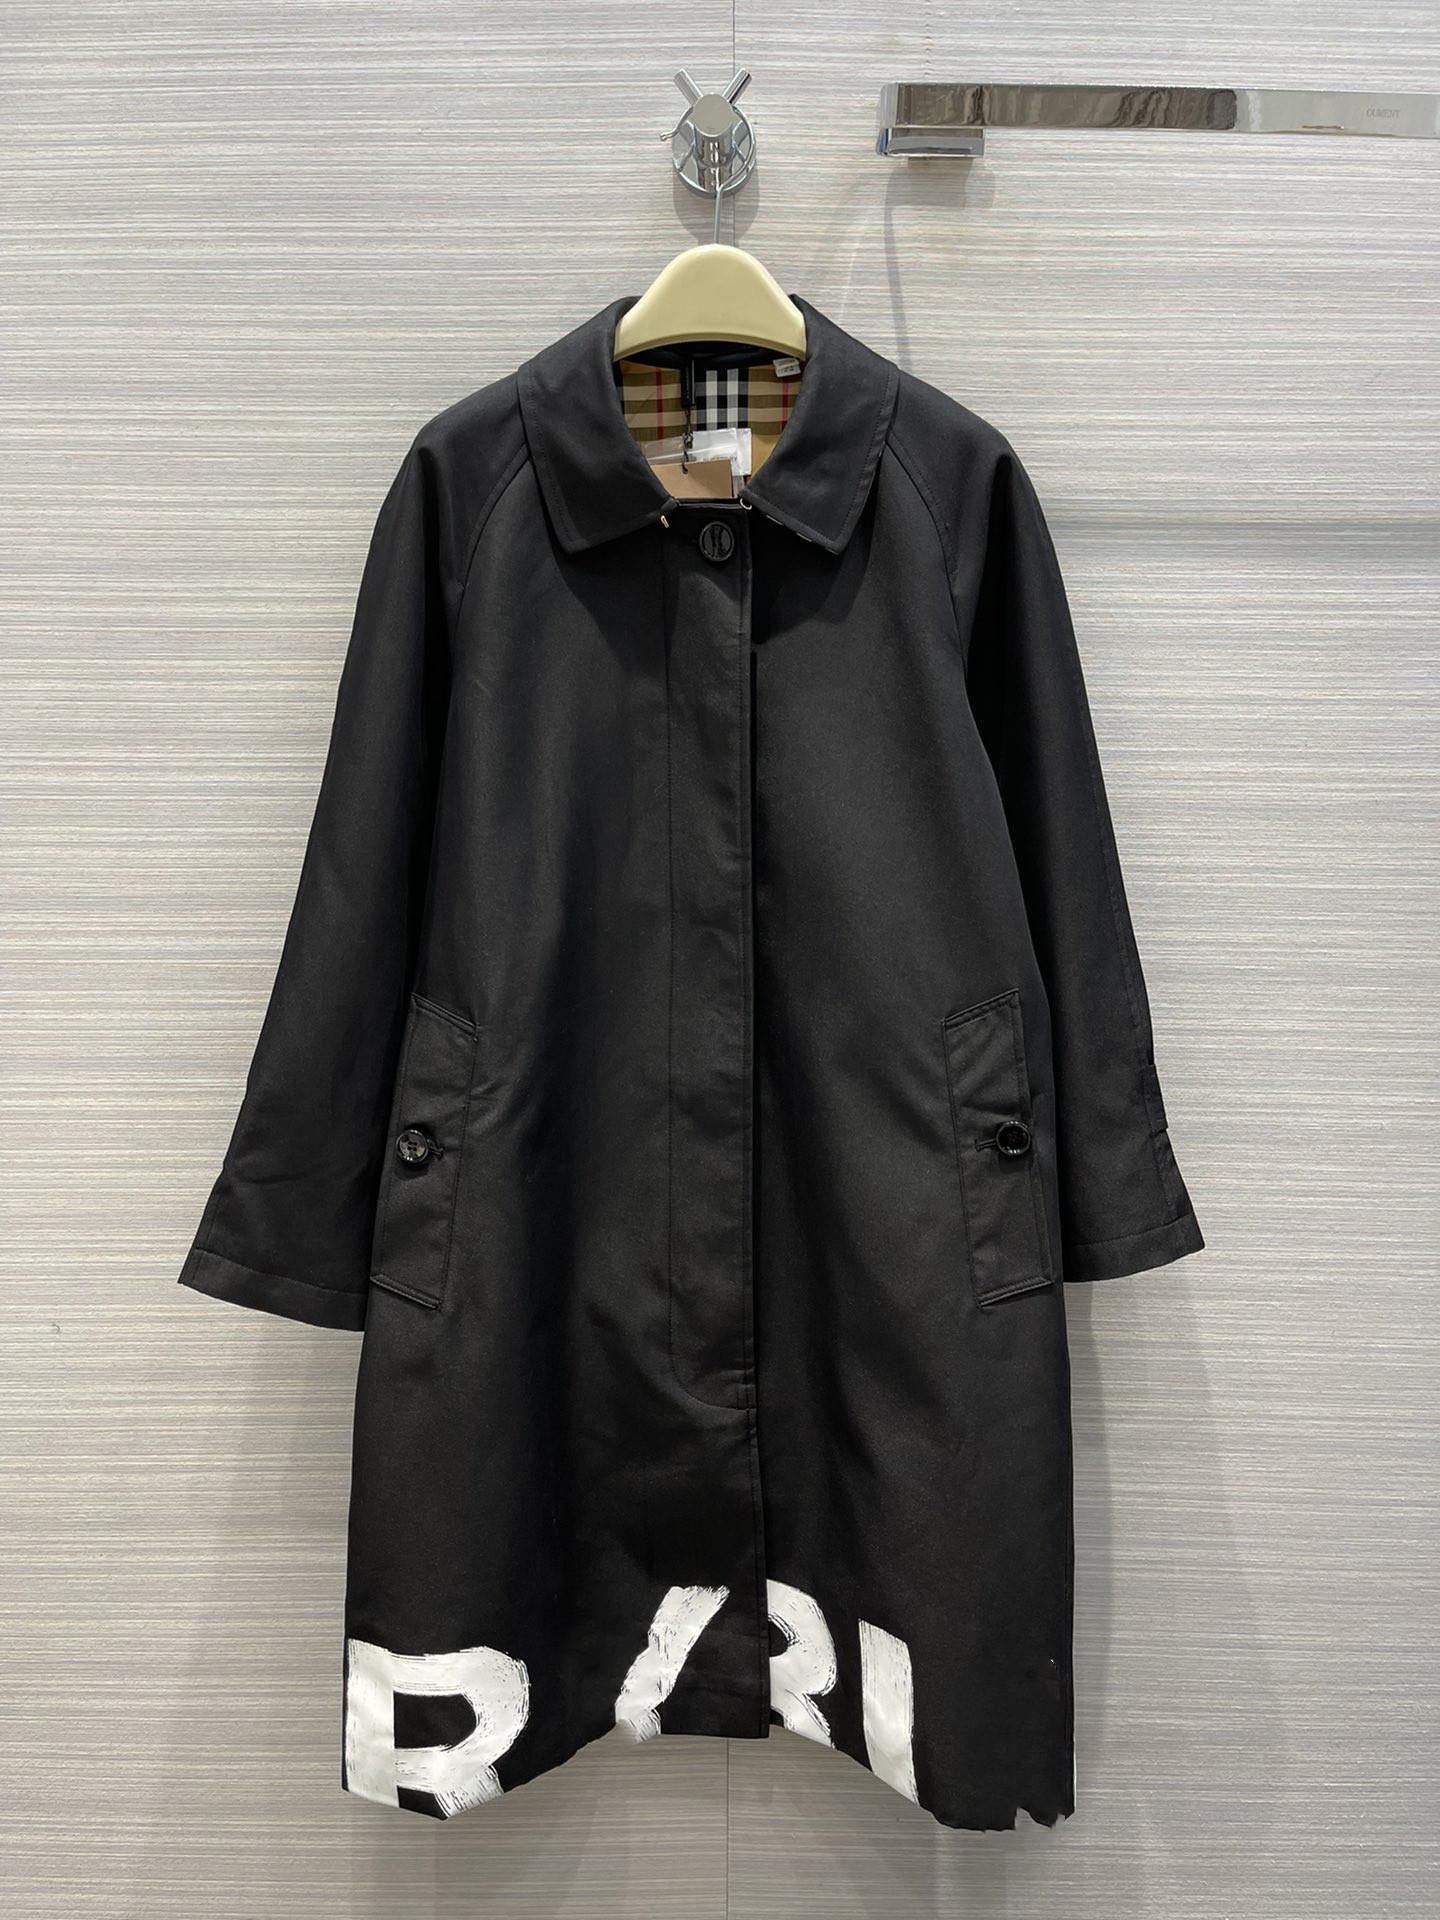 المرأة الخندق معاطف 2021 الخريف طويلة الأكمام التلبيب الرقبة جاكيتات مصمم العلامة التجارية نفس نمط قميص 0730-26